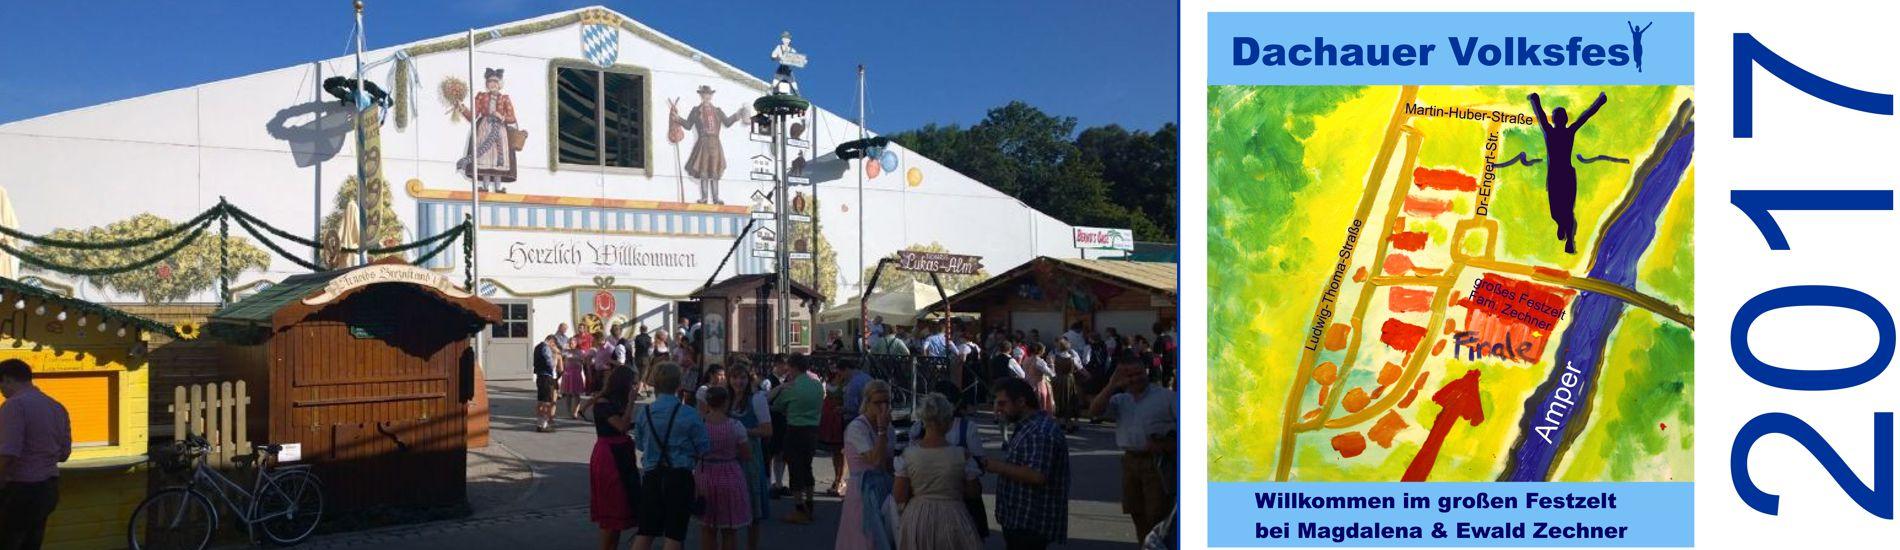 Dachauer Volksfest 2017